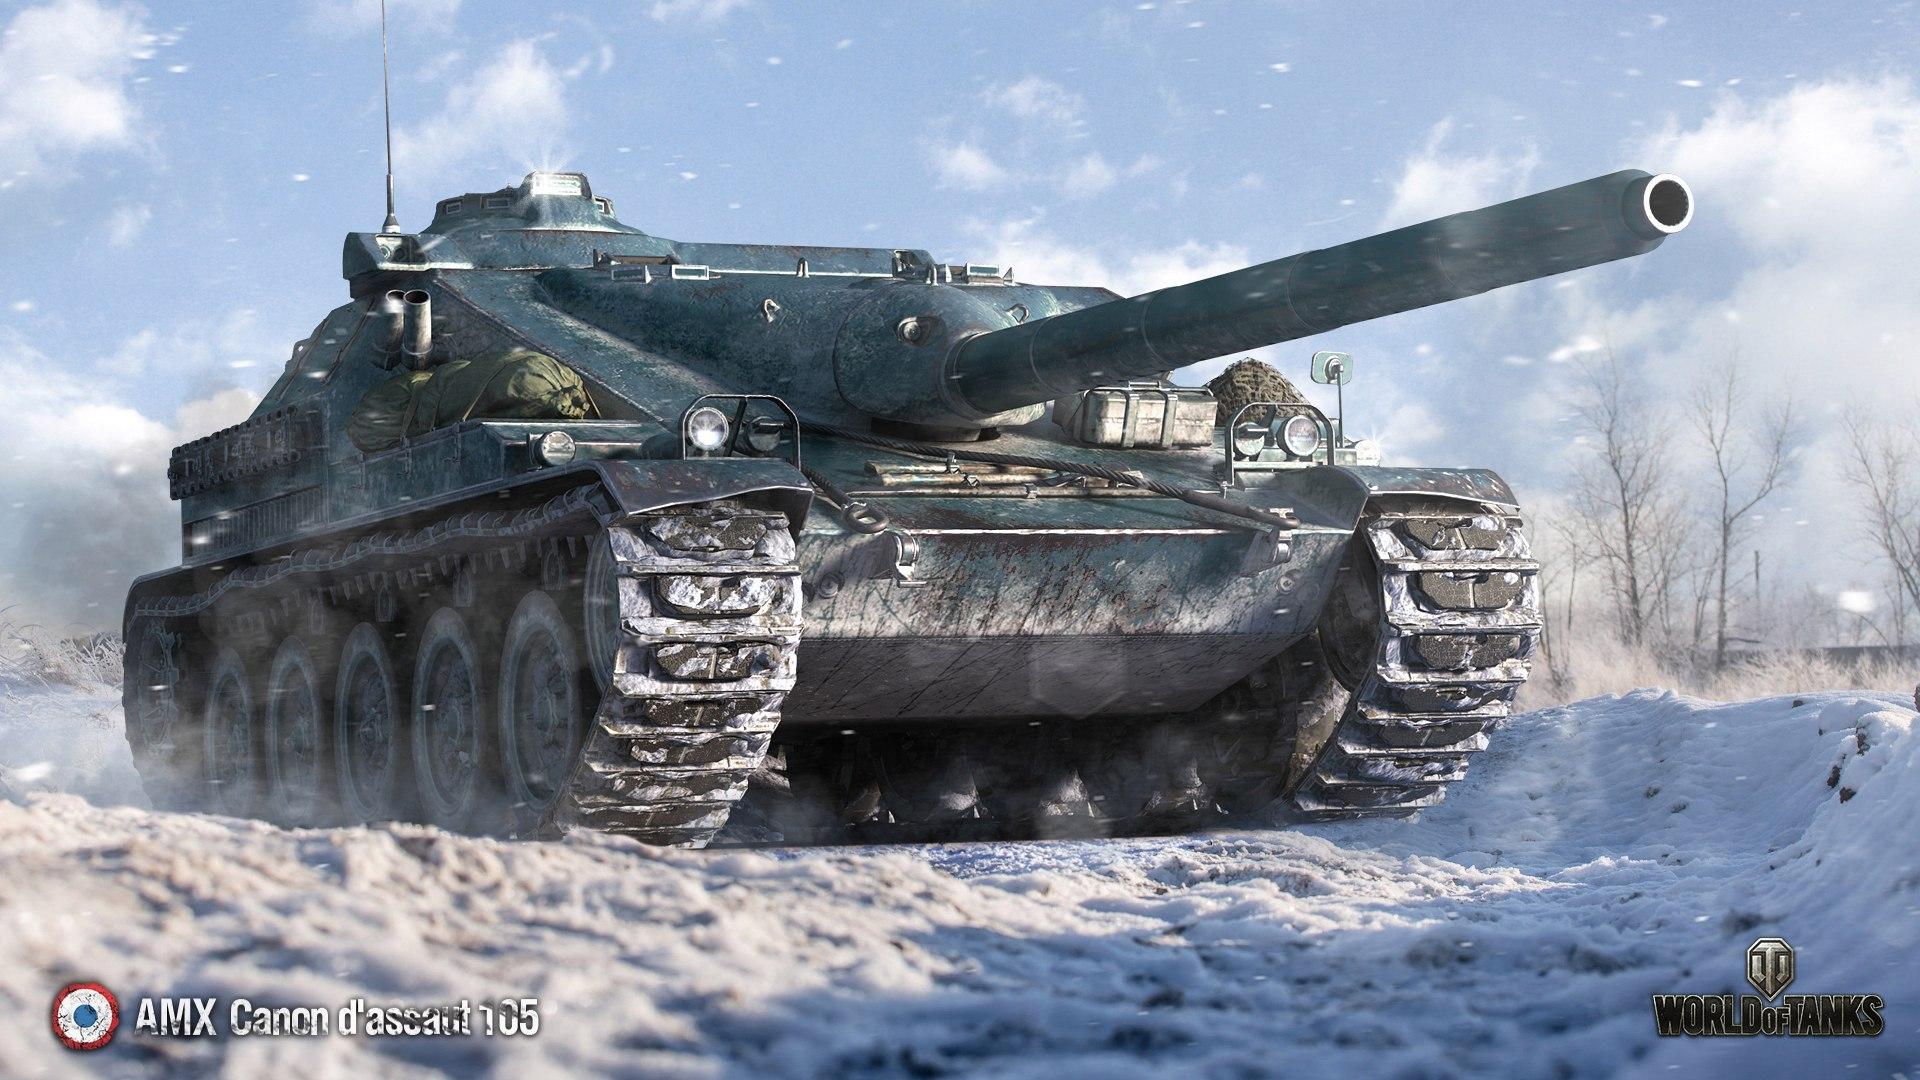 AMX Canon d'assaut de 105